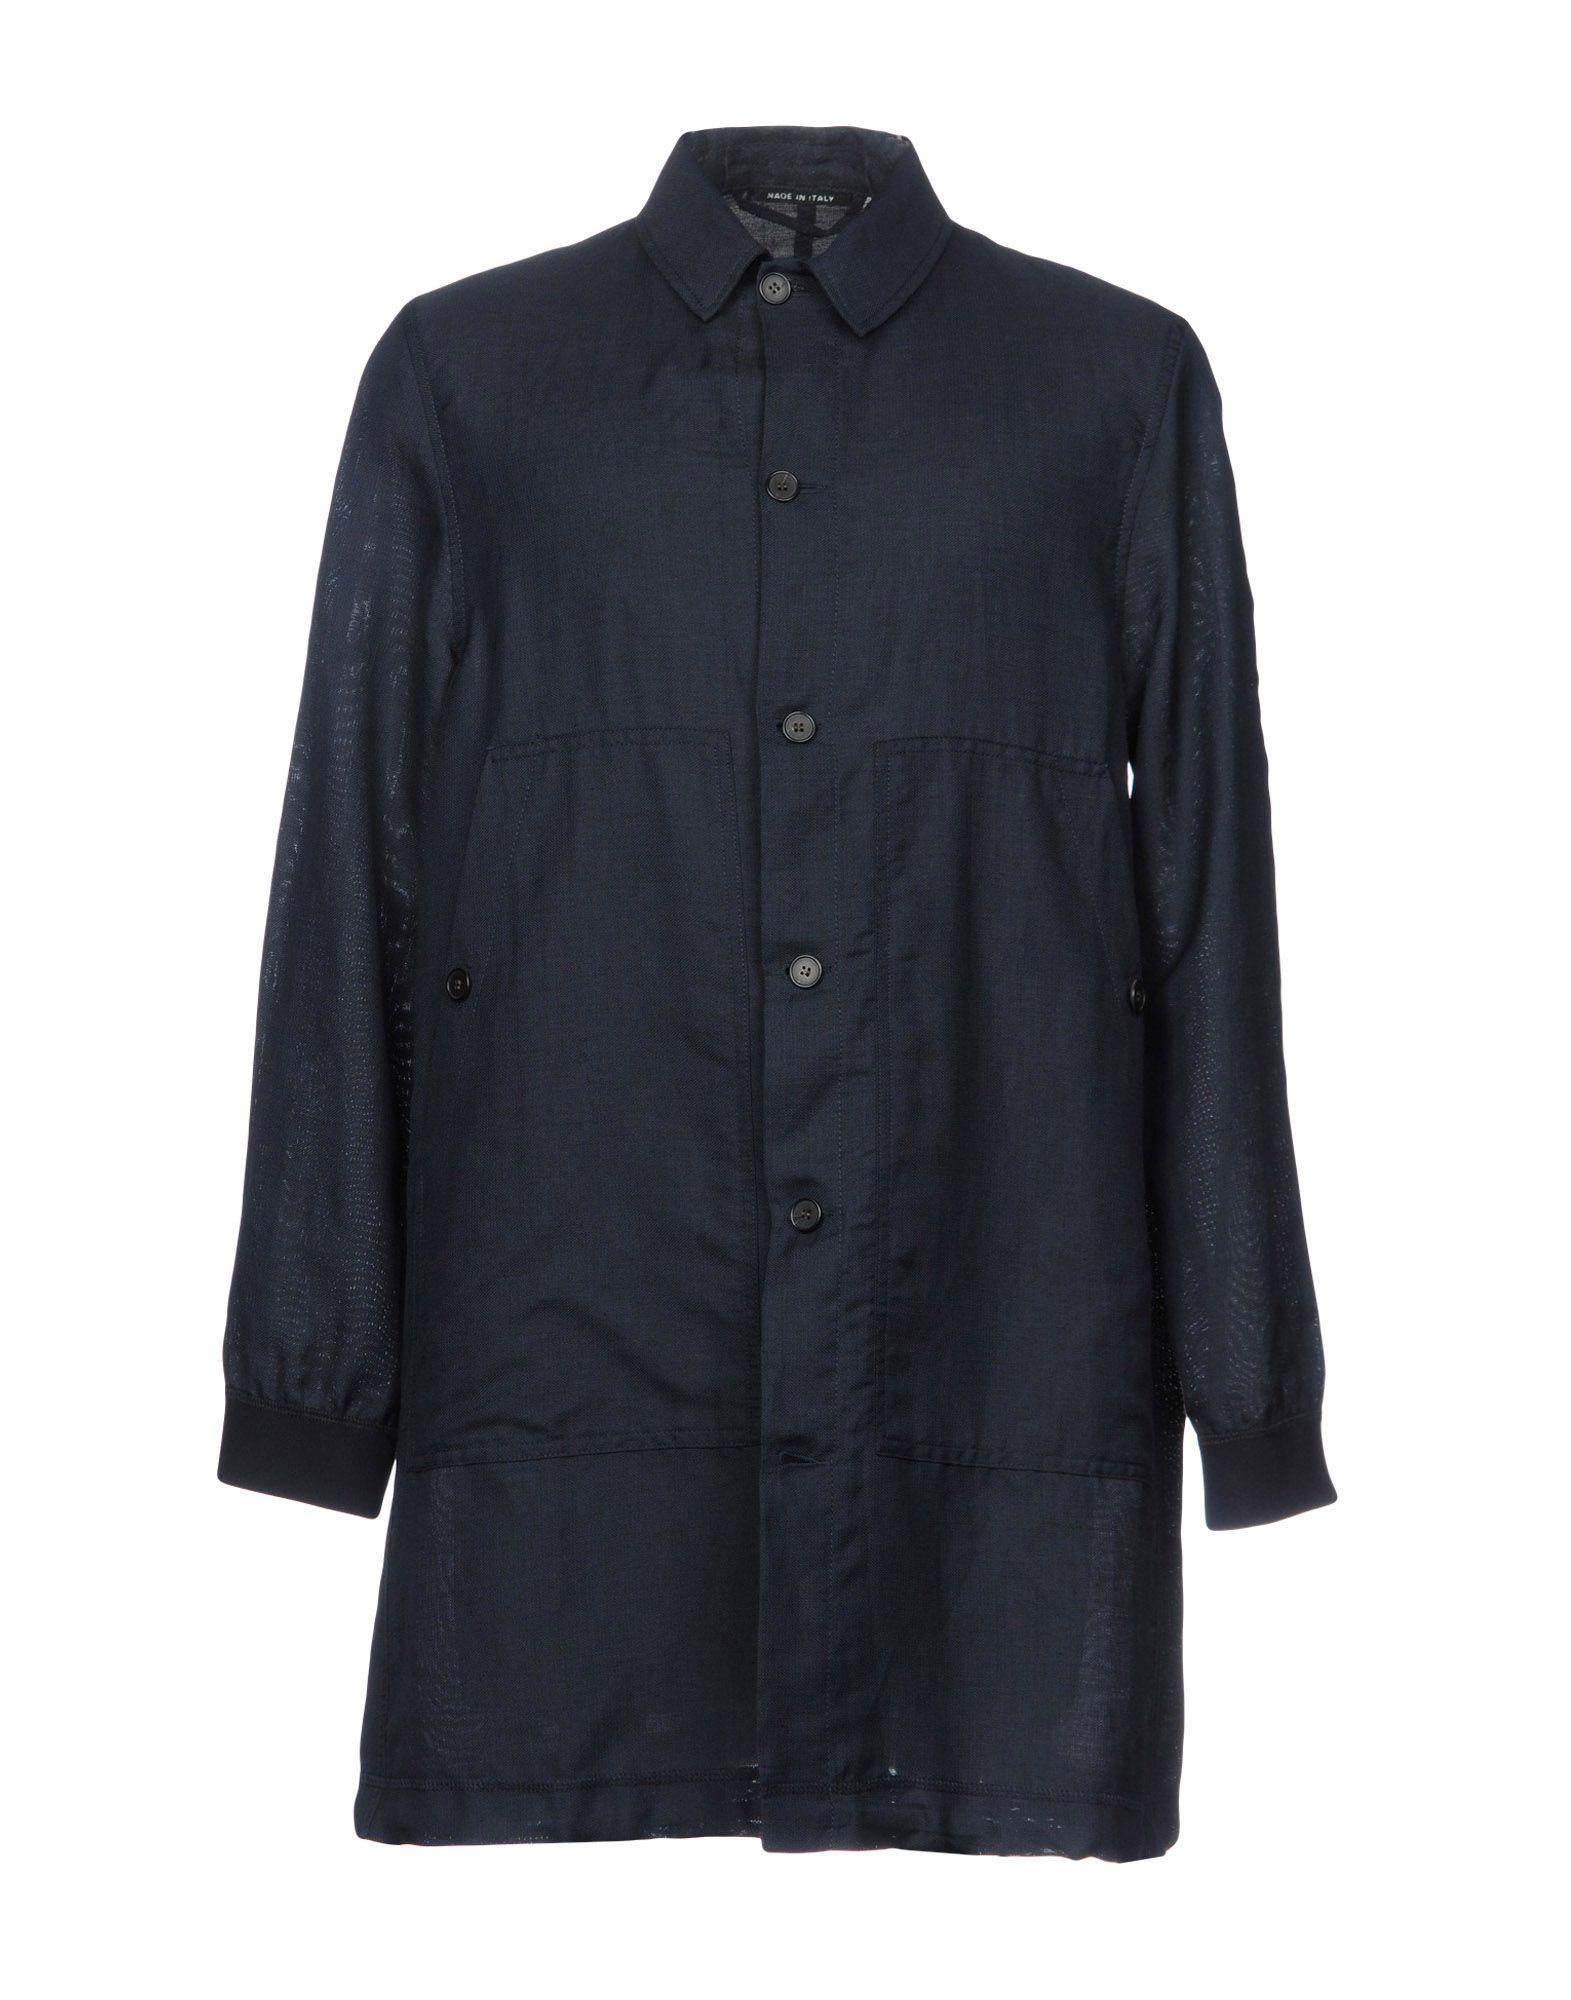 COVERT Full-Length Jacket in Dark Blue